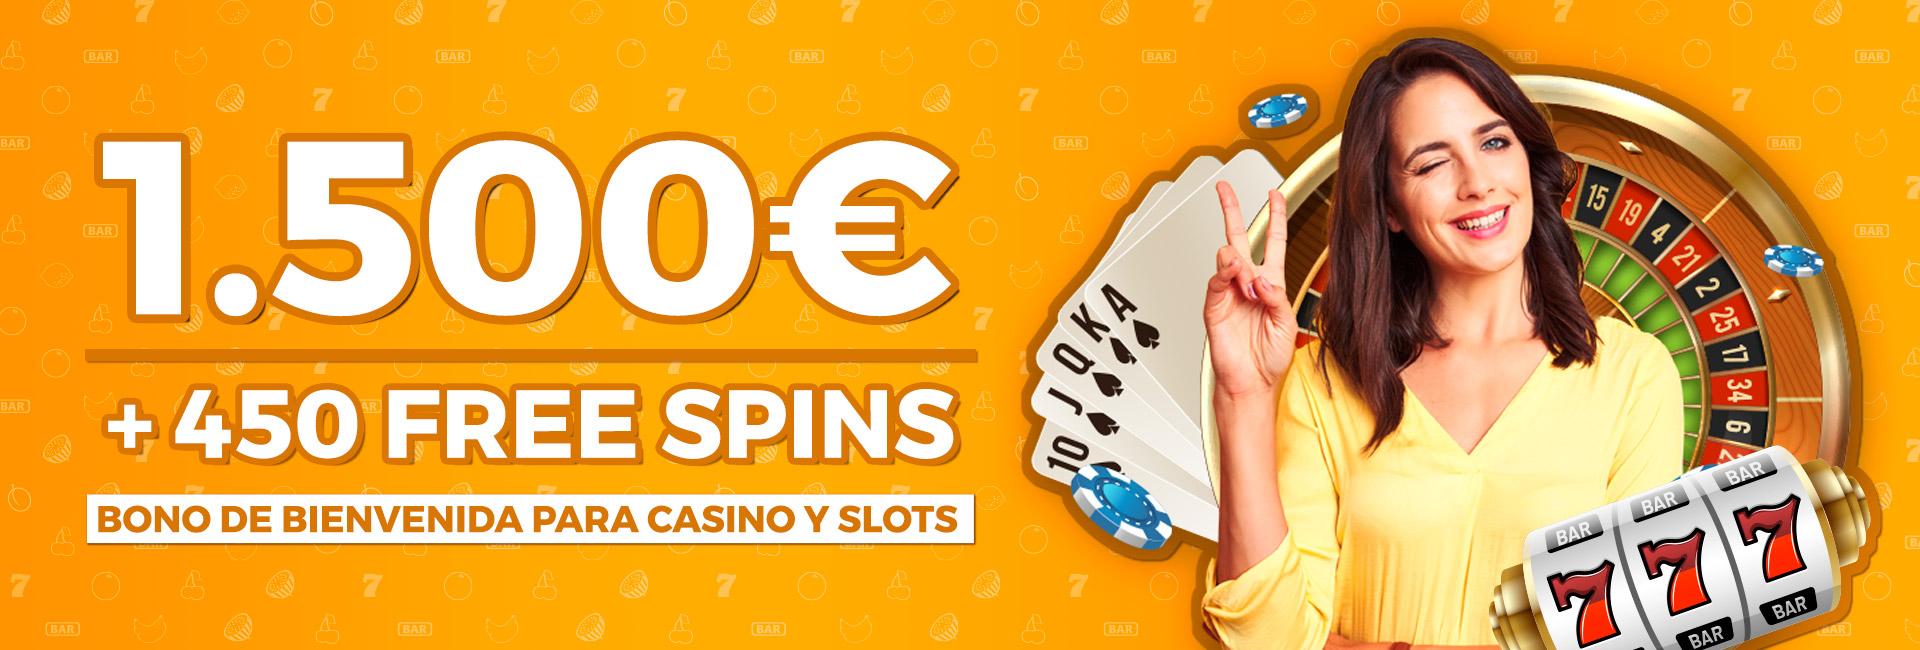 Bonificamos tu primer depósito para Casino online hasta 1.500€ y te regalamos hasta 450 Free Spins